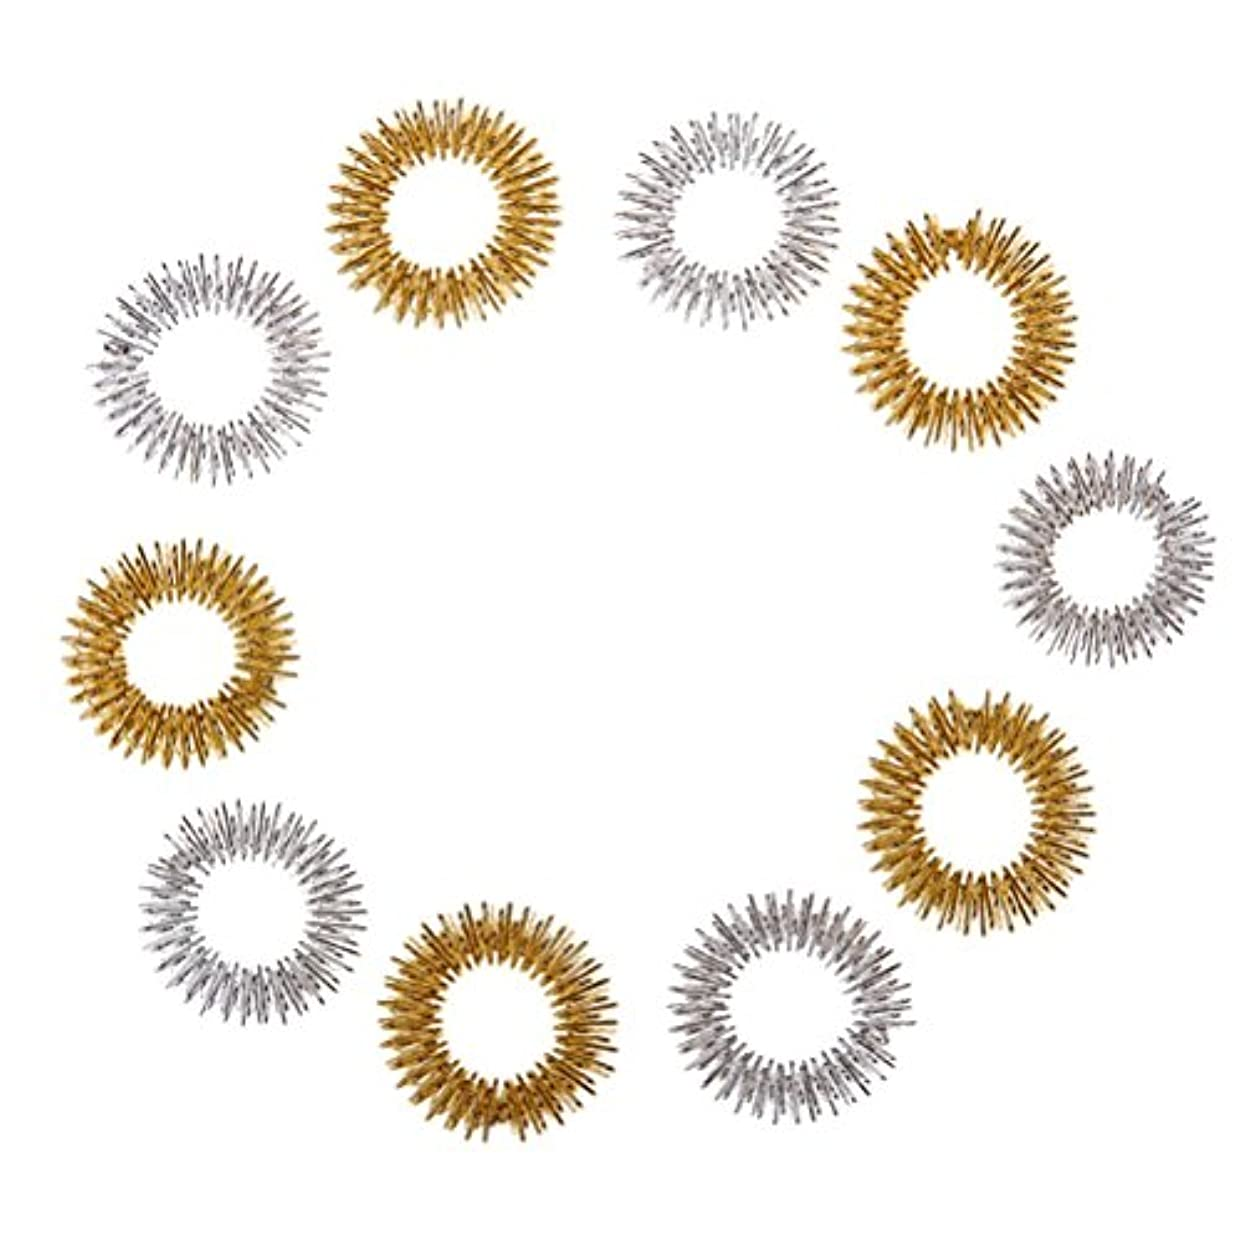 知覚する近代化する行くHealifty 10個指圧マッサージリング子供のための指の循環リング十代の若者たちの大人(ランダムカラー)